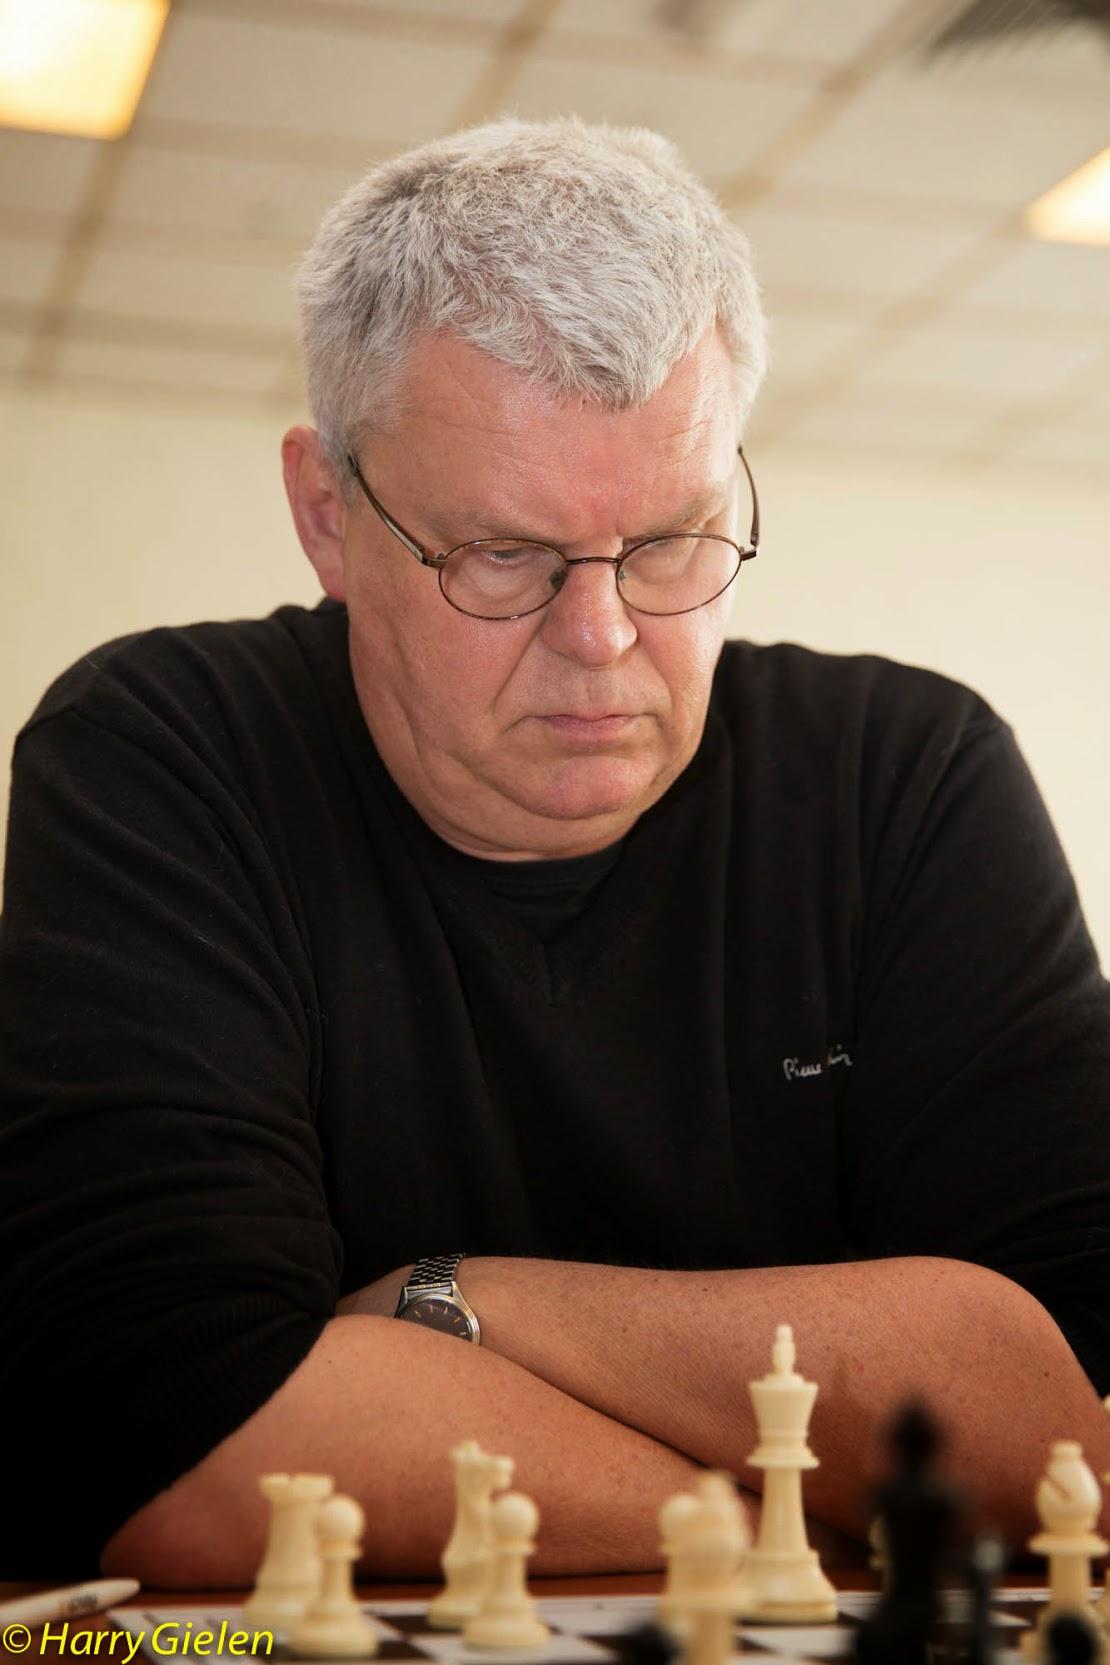 Jan Oord